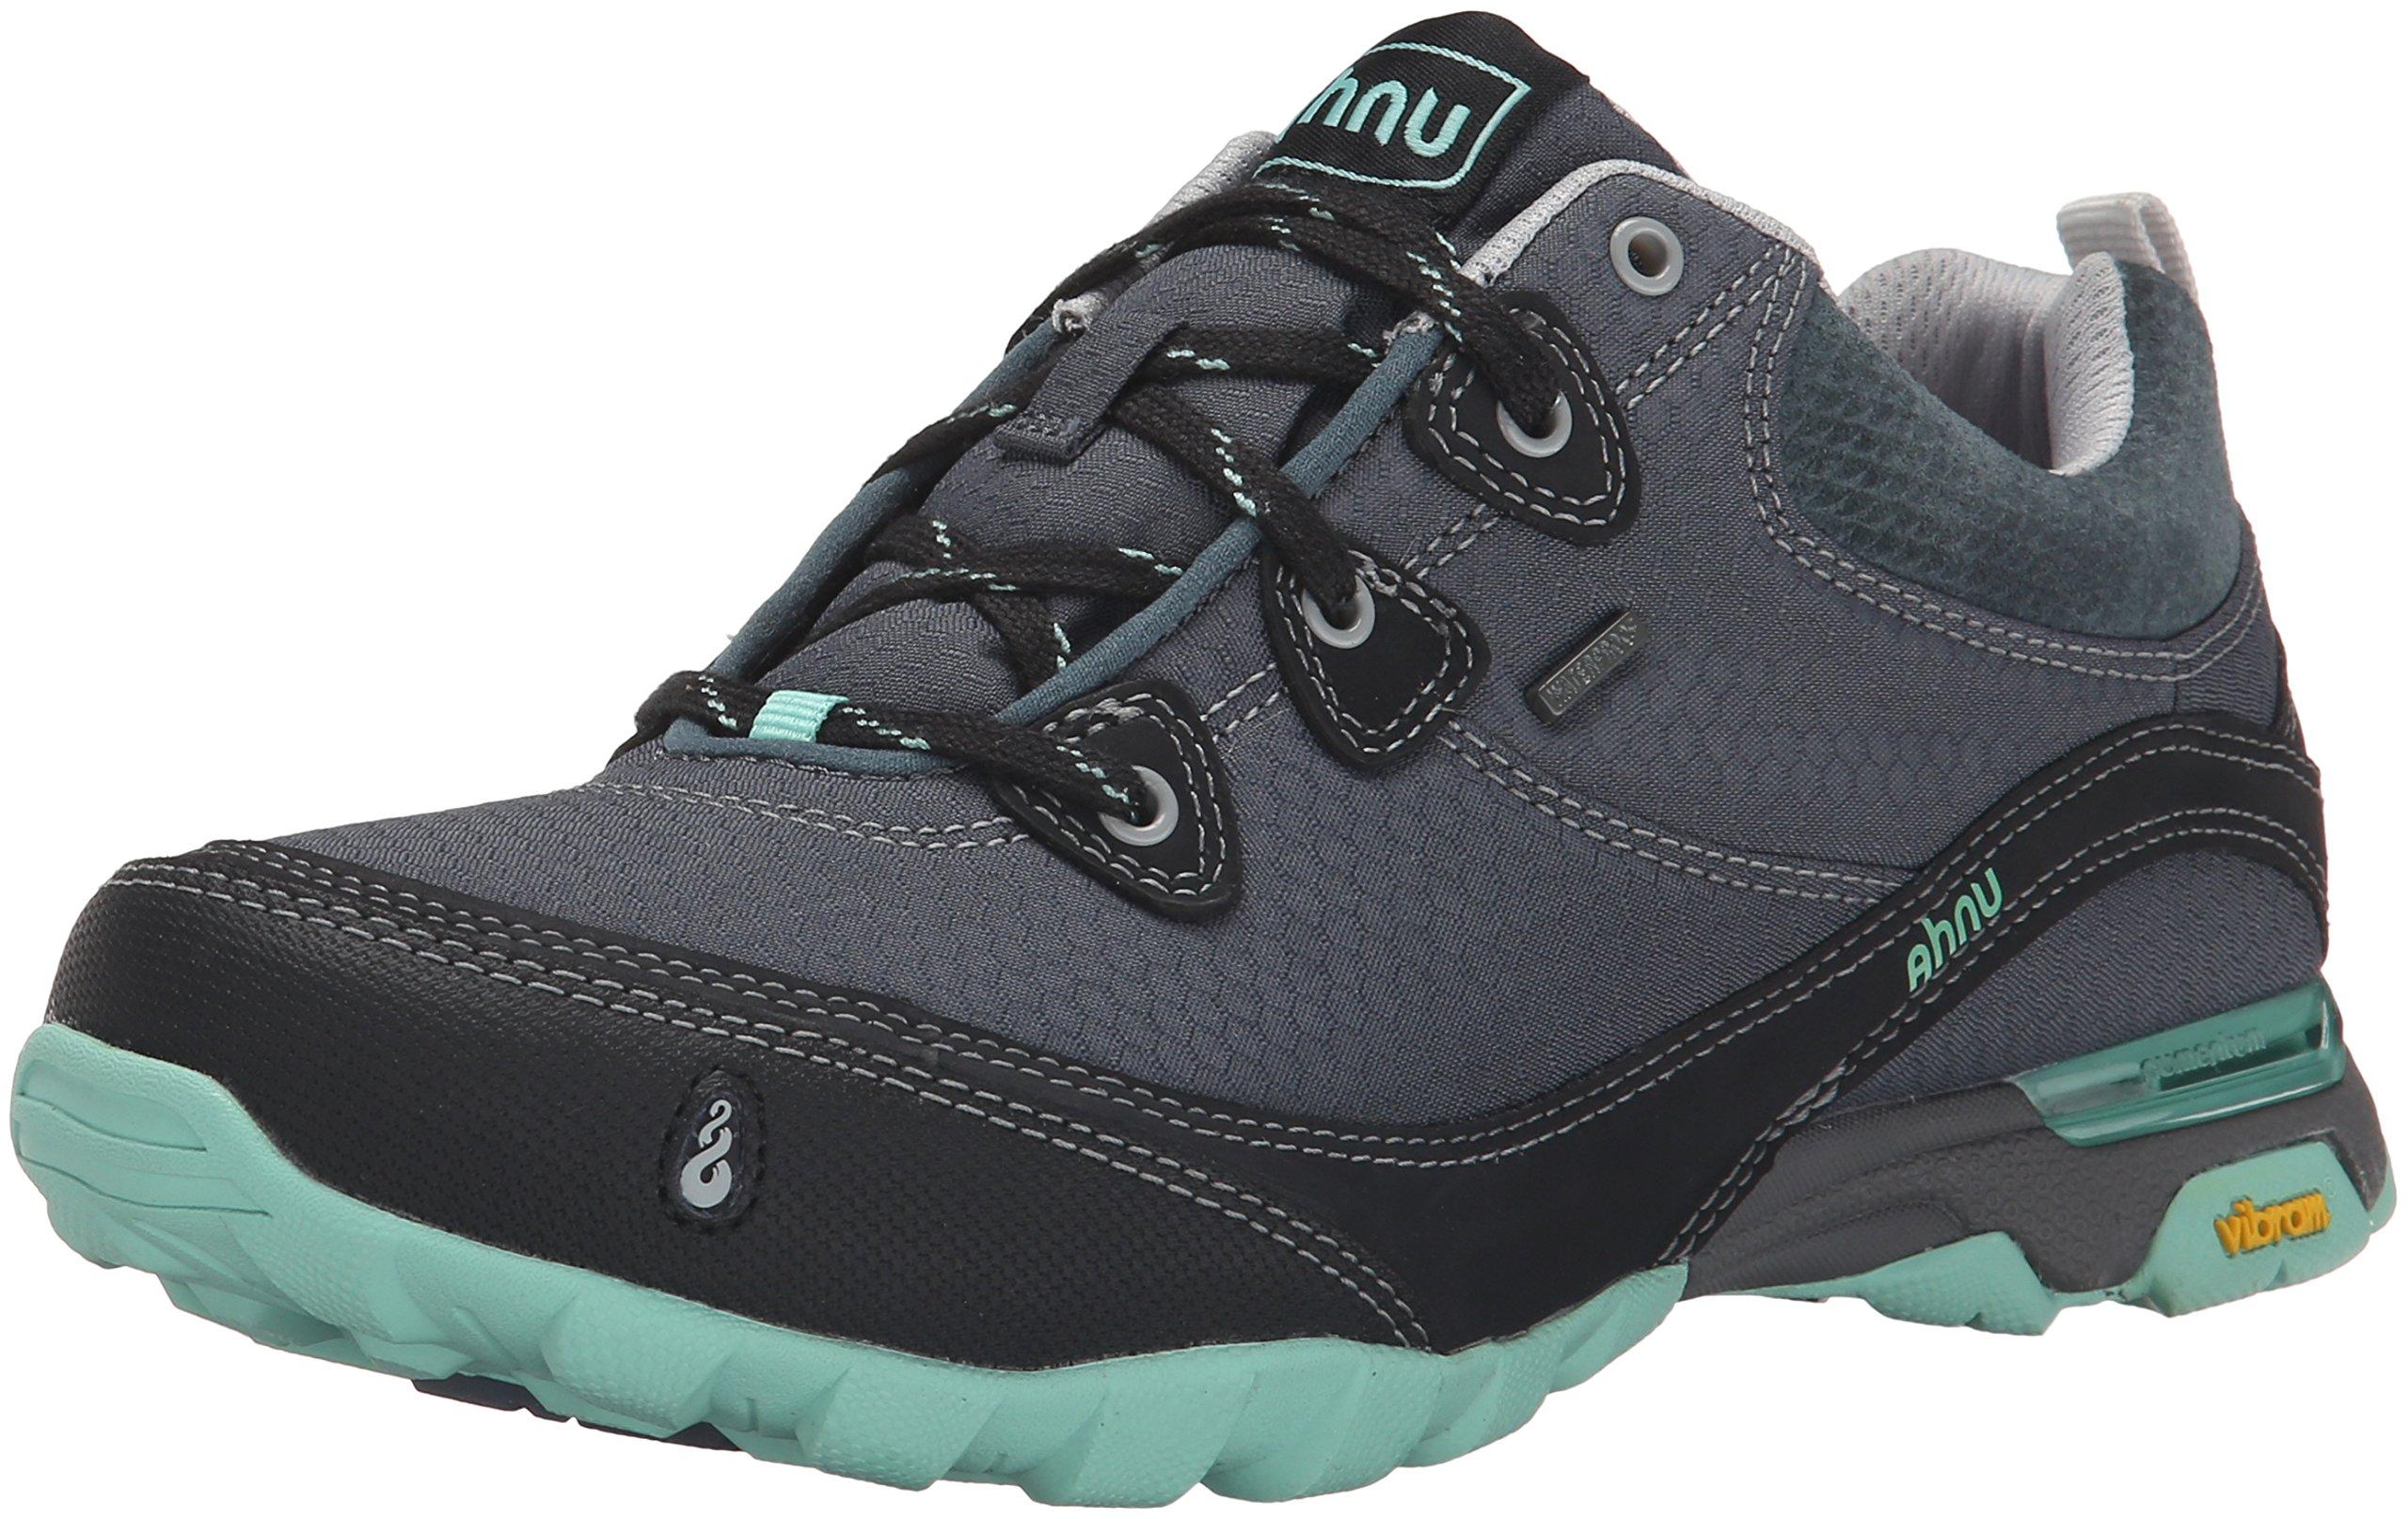 Ahnu Women's AF2421 Sugarpine Water Proof Hiking Boot, Dark Slate, 9.5 B(M) US